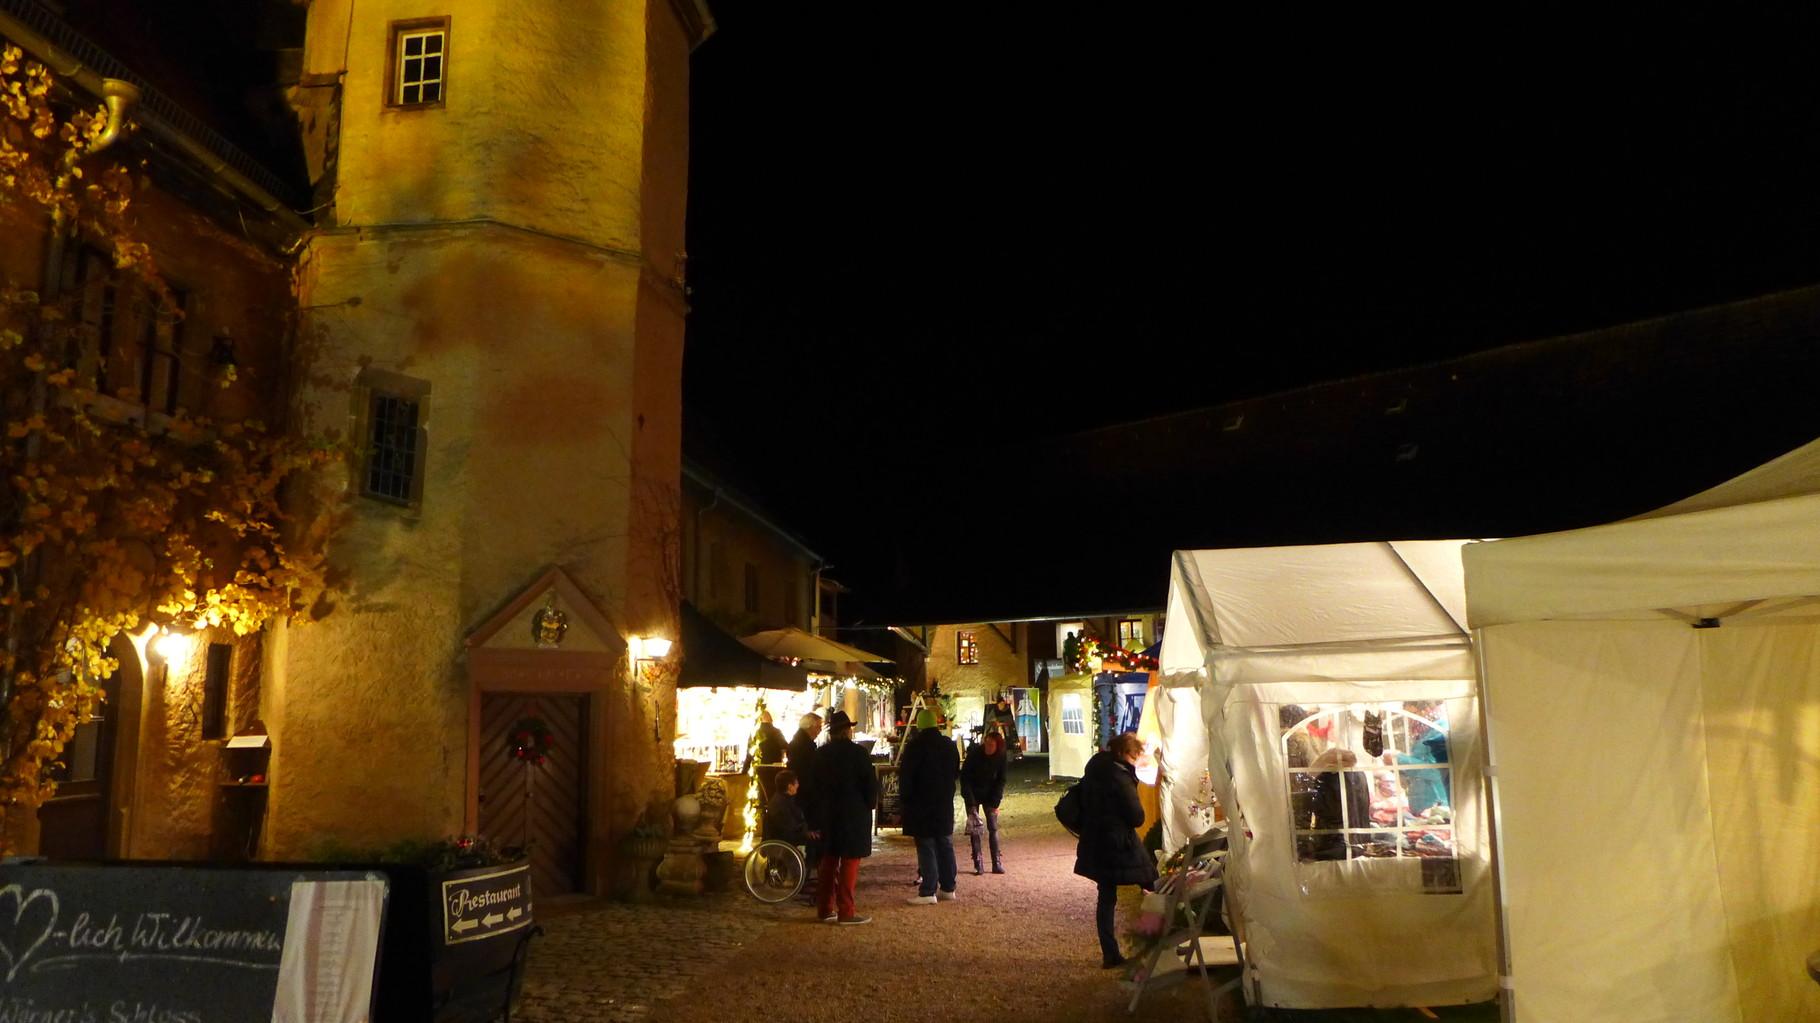 Weihnachtsmarkt Würzburg.Weihnachtsmarkt Schloss Wörners Hut Salon Fuchs Würzburg